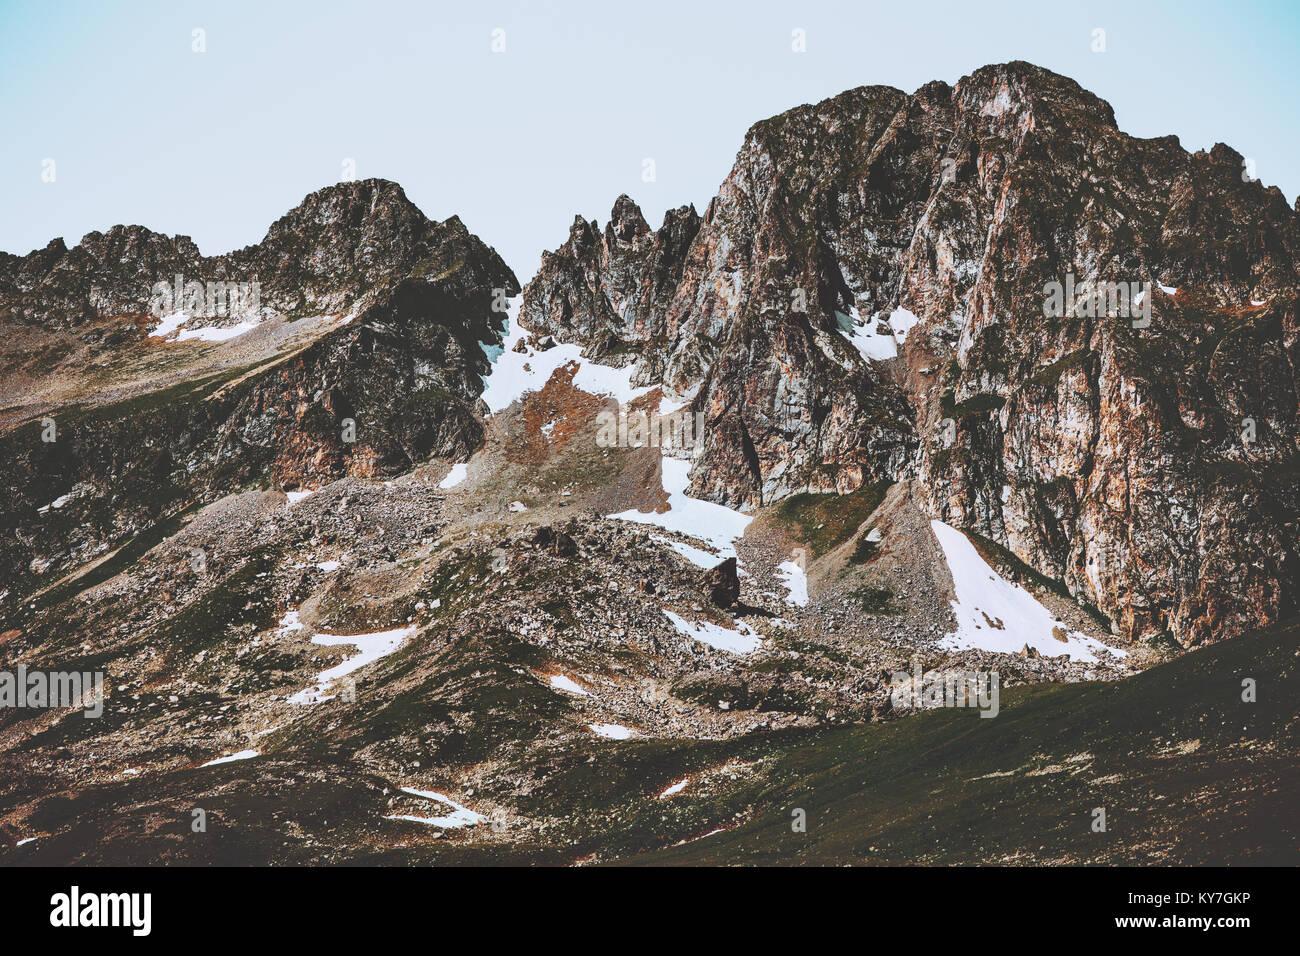 Paysage des Montagnes Rocheuses sauvages paysages nature voyage d'été Photo Stock